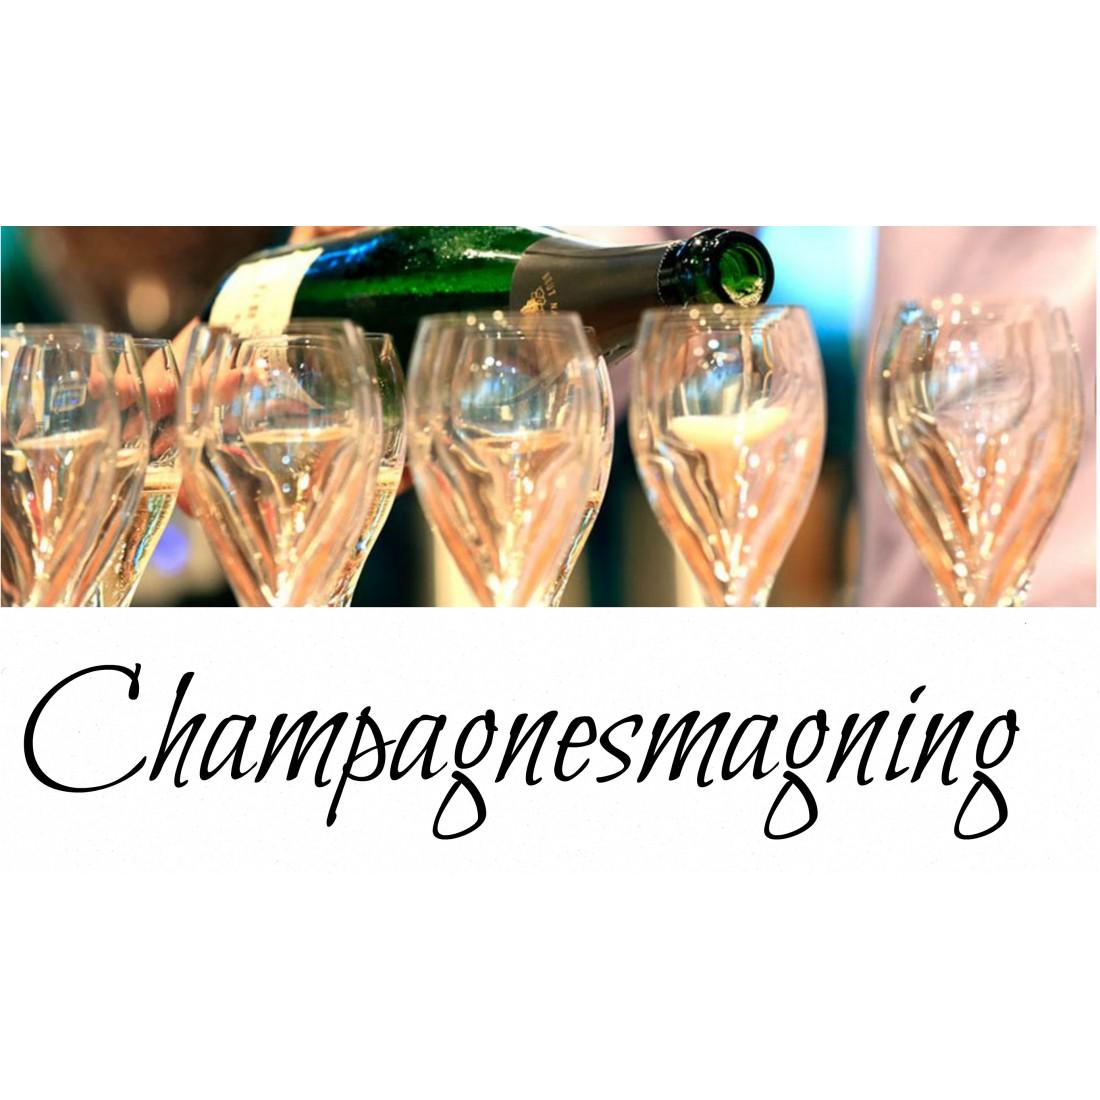 Champagnesmagninglrdagden26junikl1900IChampagneKlderen-31